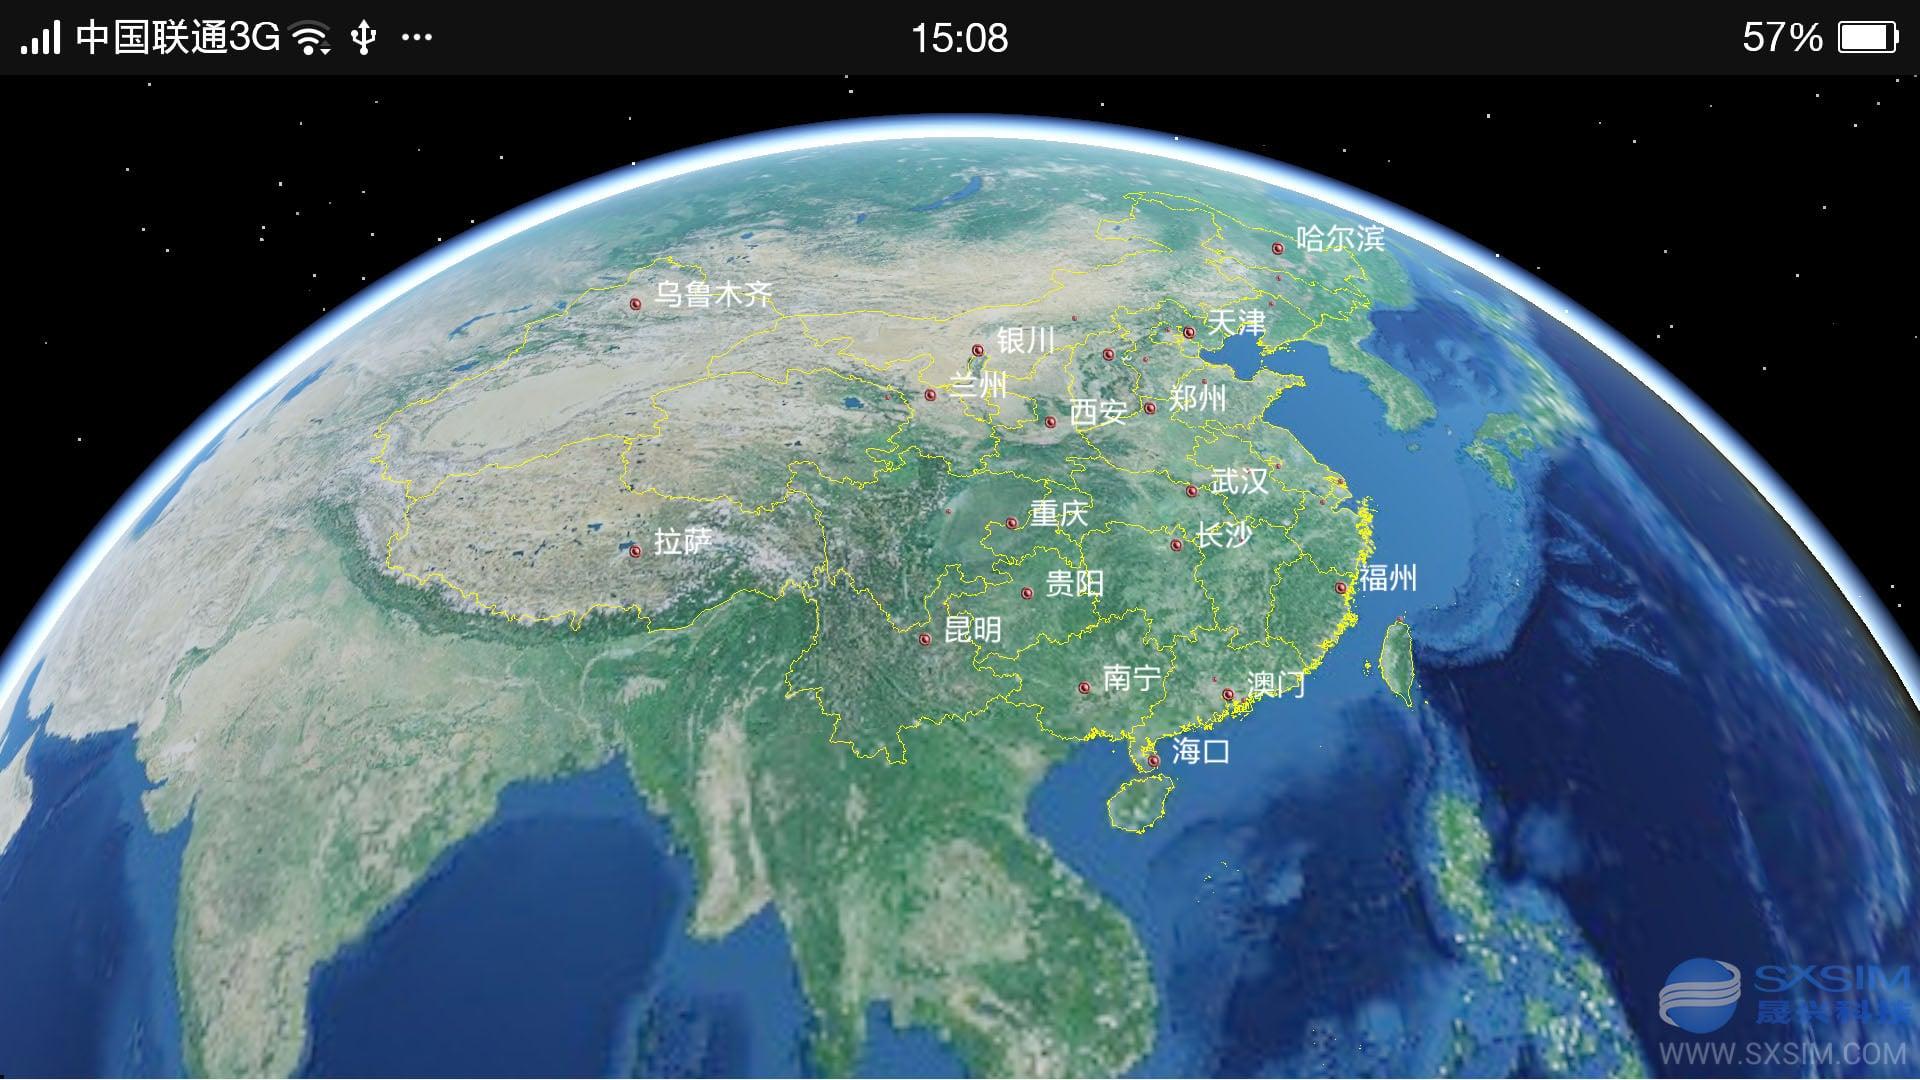 三维数字地球仪下载|三维数字地球仪手机版_最新三维